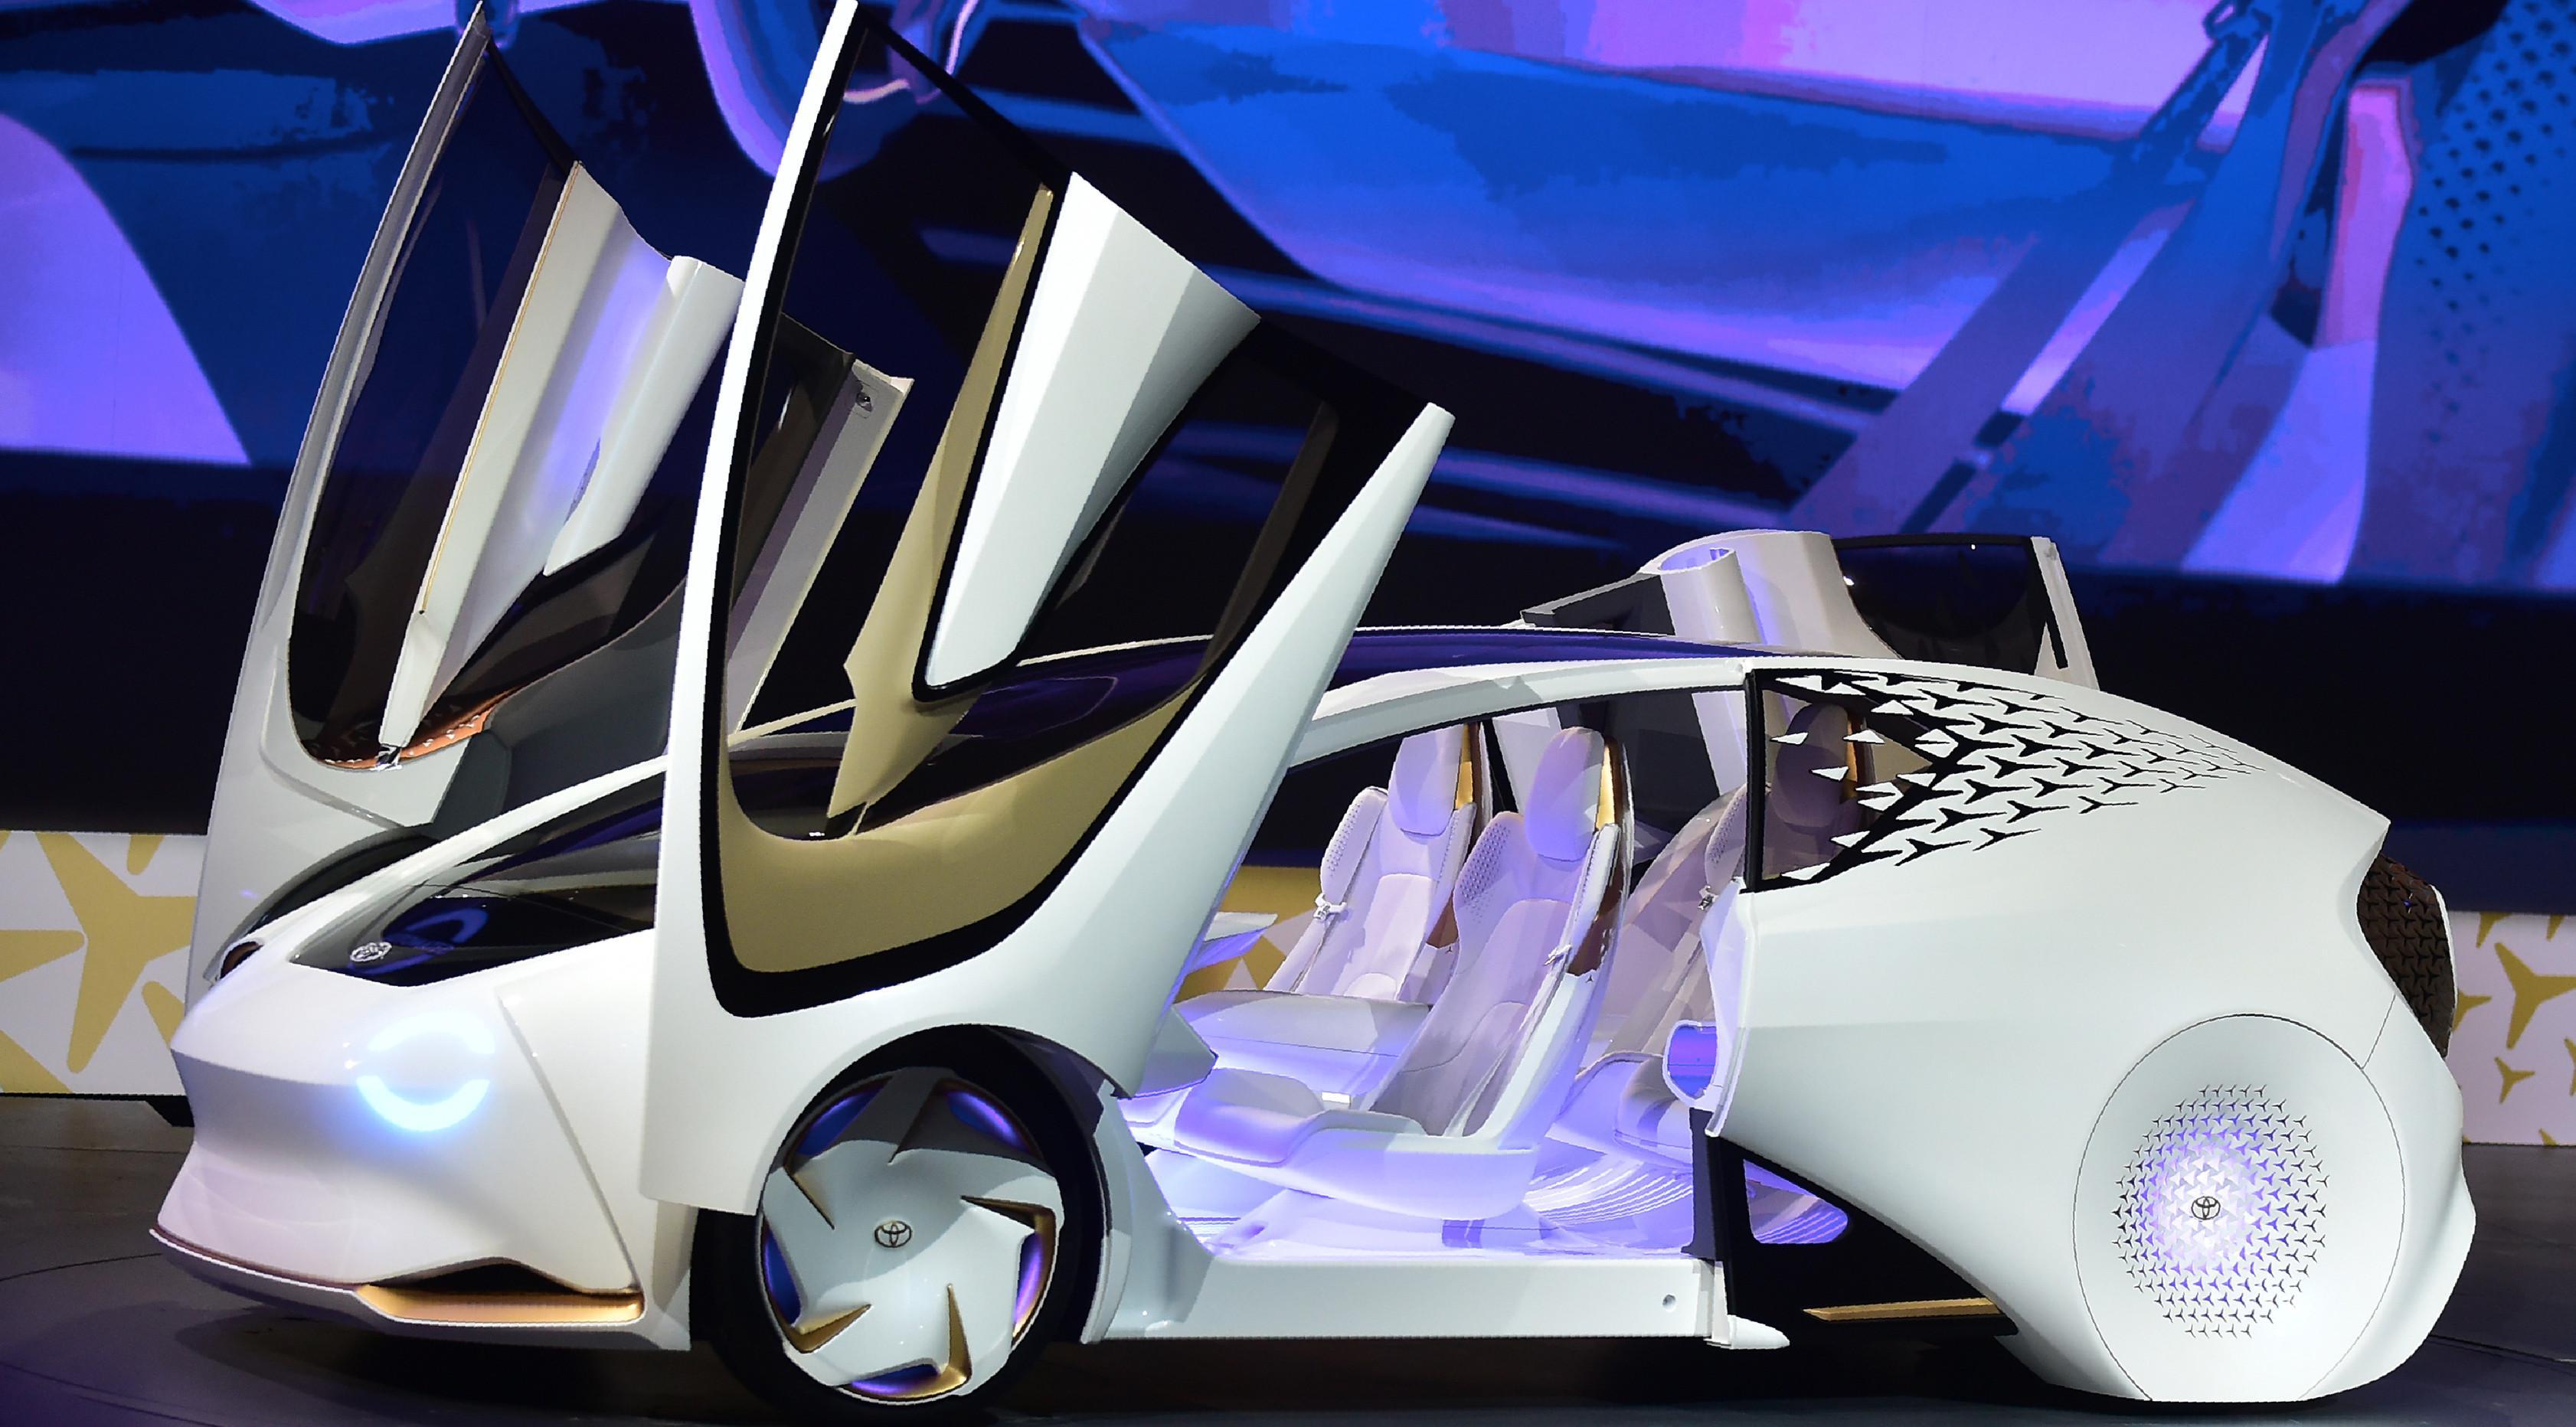 3 Harga Mobil Yang Canggih Dan Futuristik Di Masa Depan Bisnis Liputan6 Com